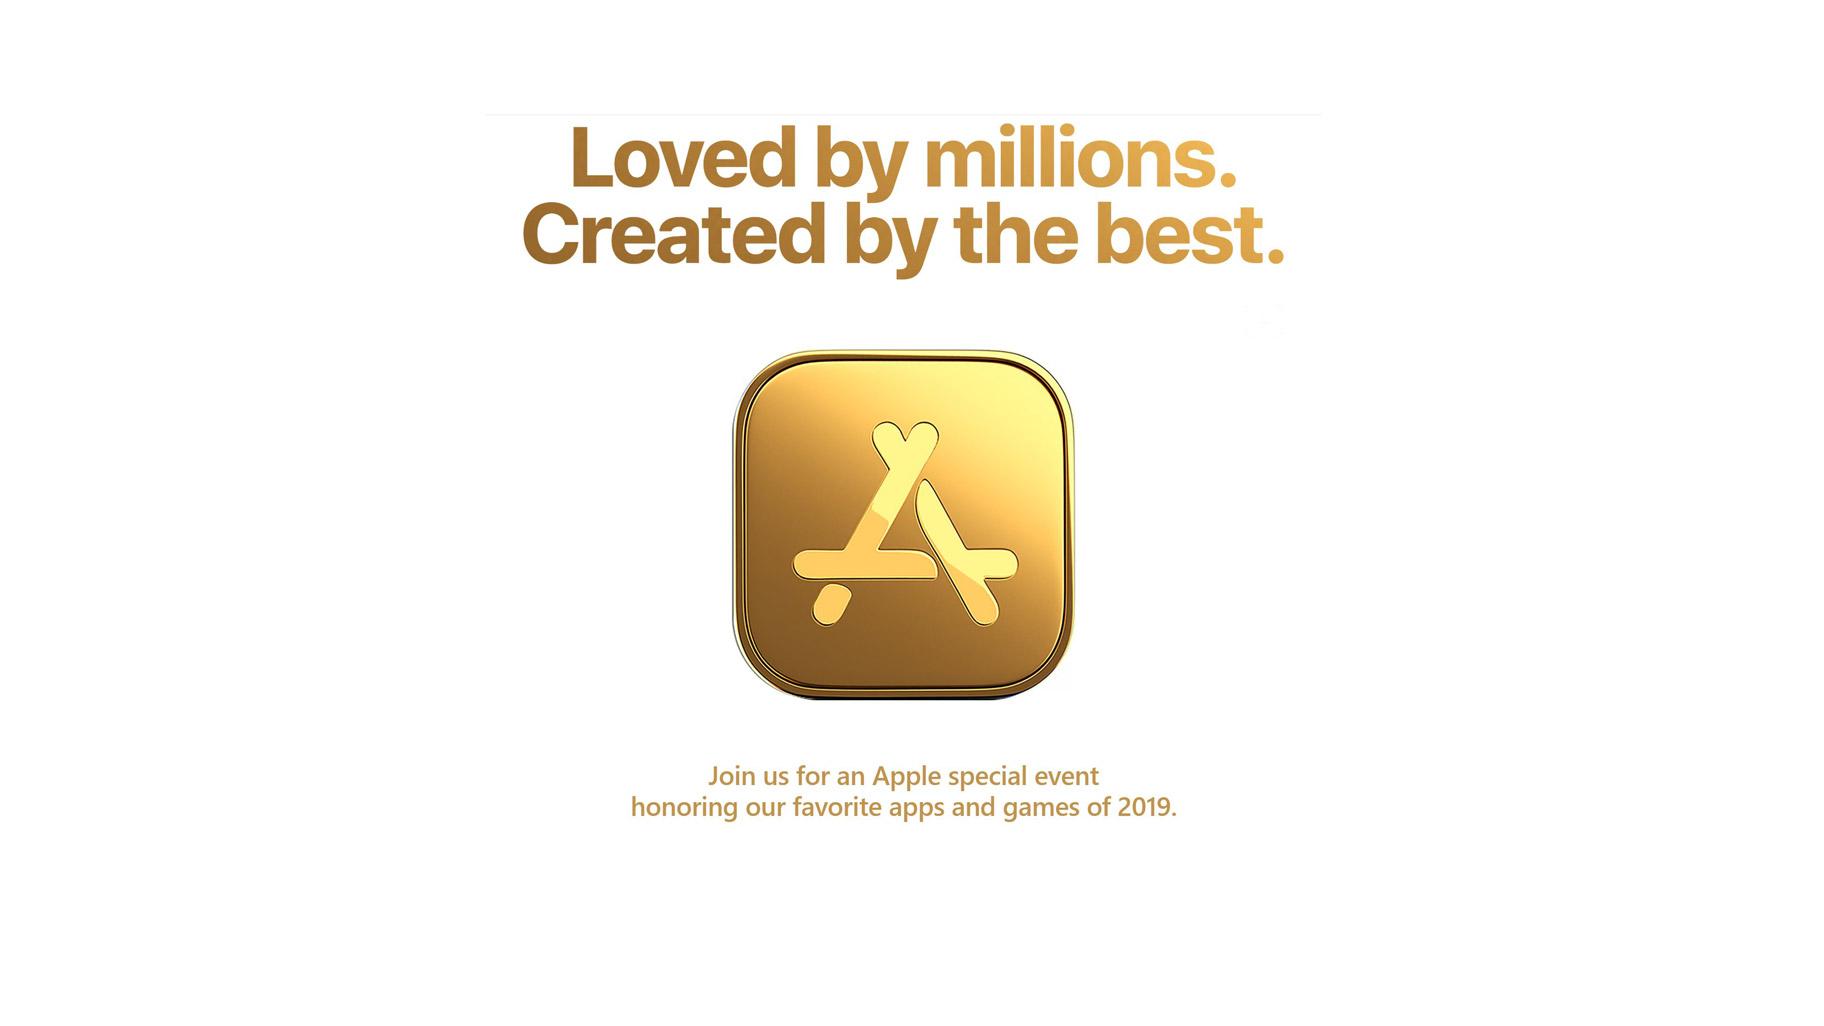 Unerwartet: Apple lädt zu Event am 2. Dezember in New York City